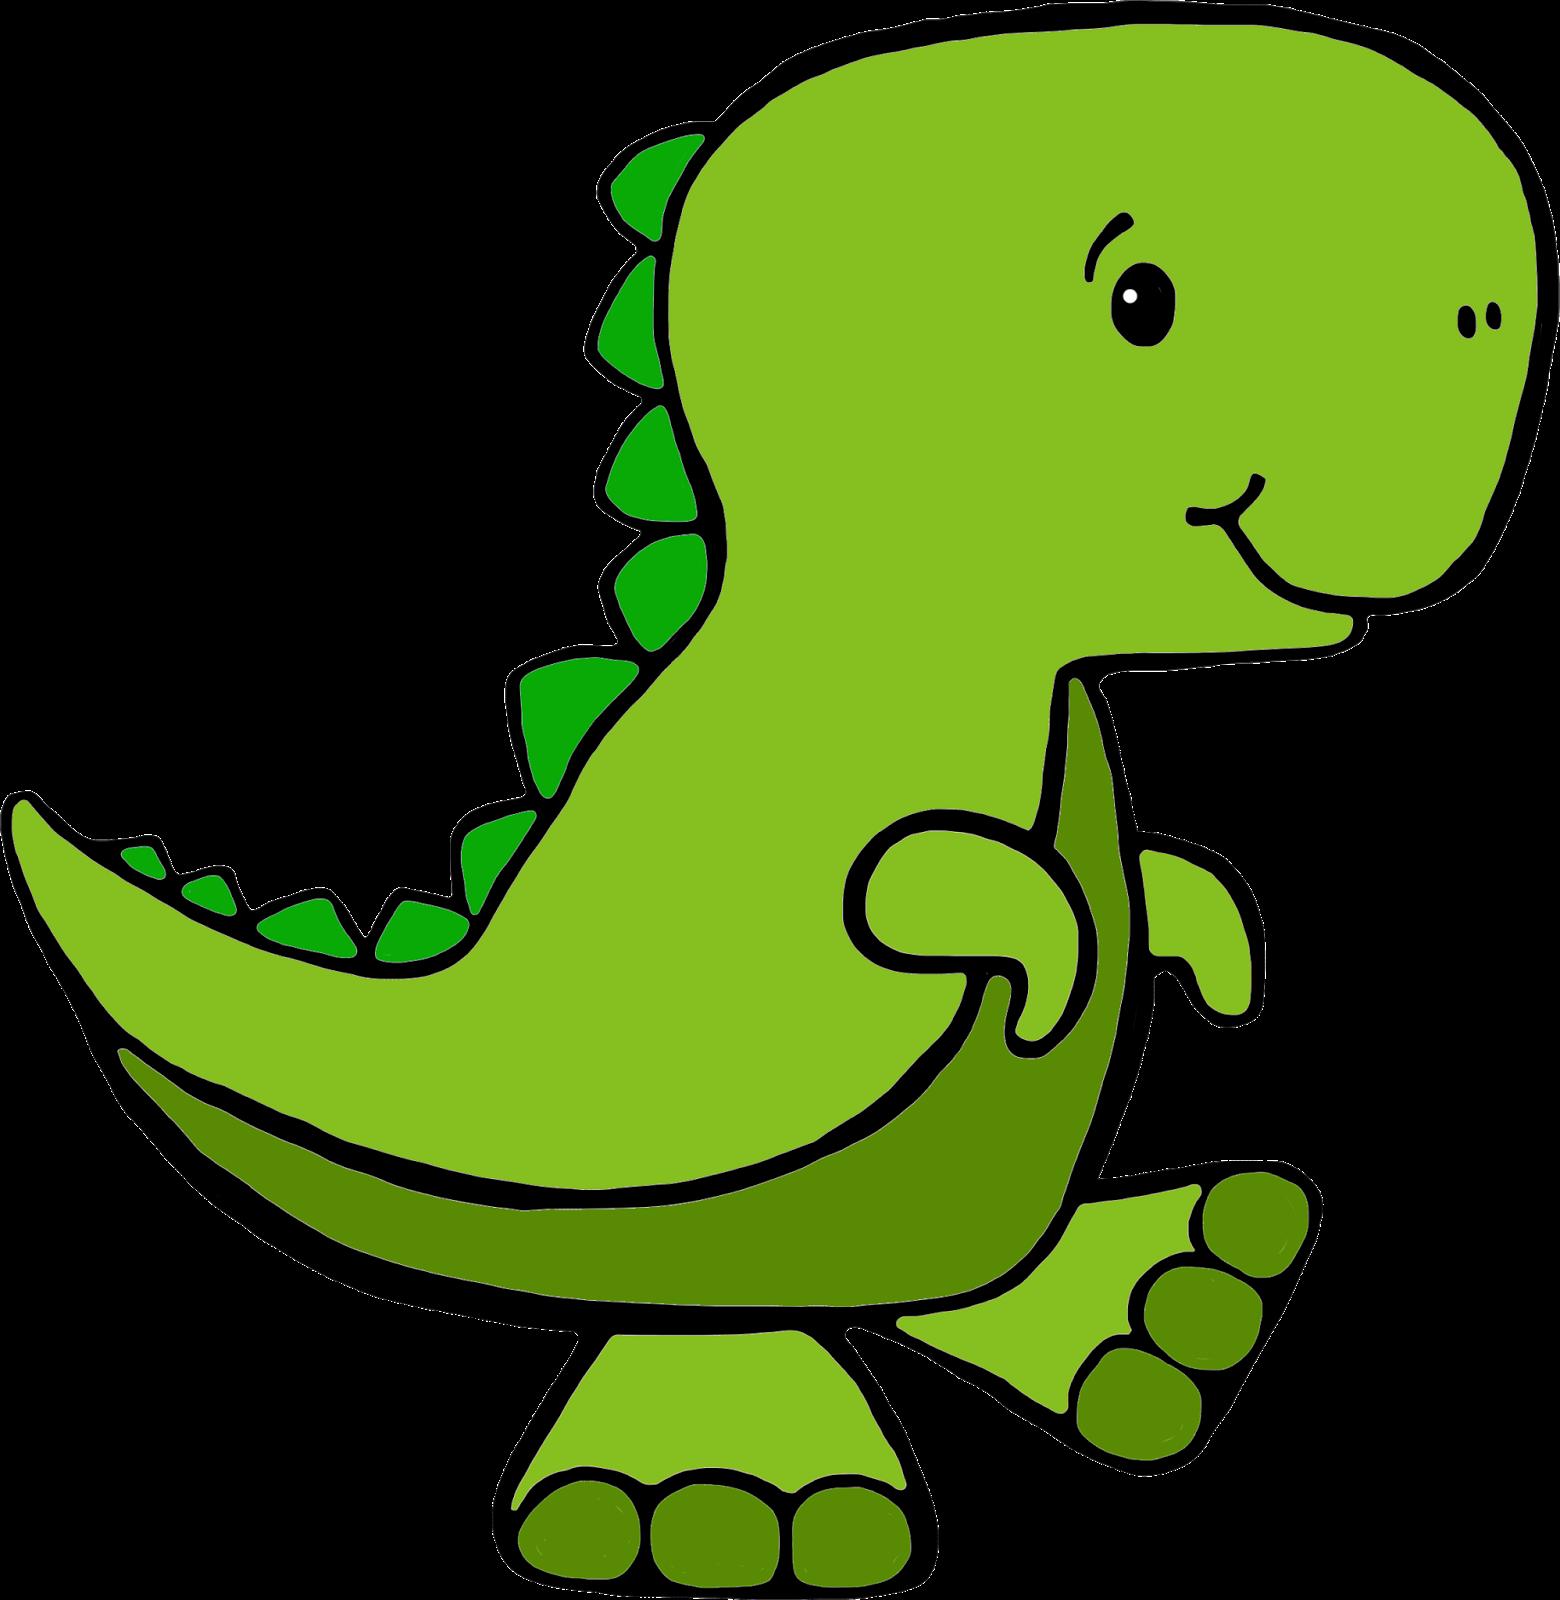 1560x1600 Dinosaur Clip Art. Big Eye Dinosaur Clip Art